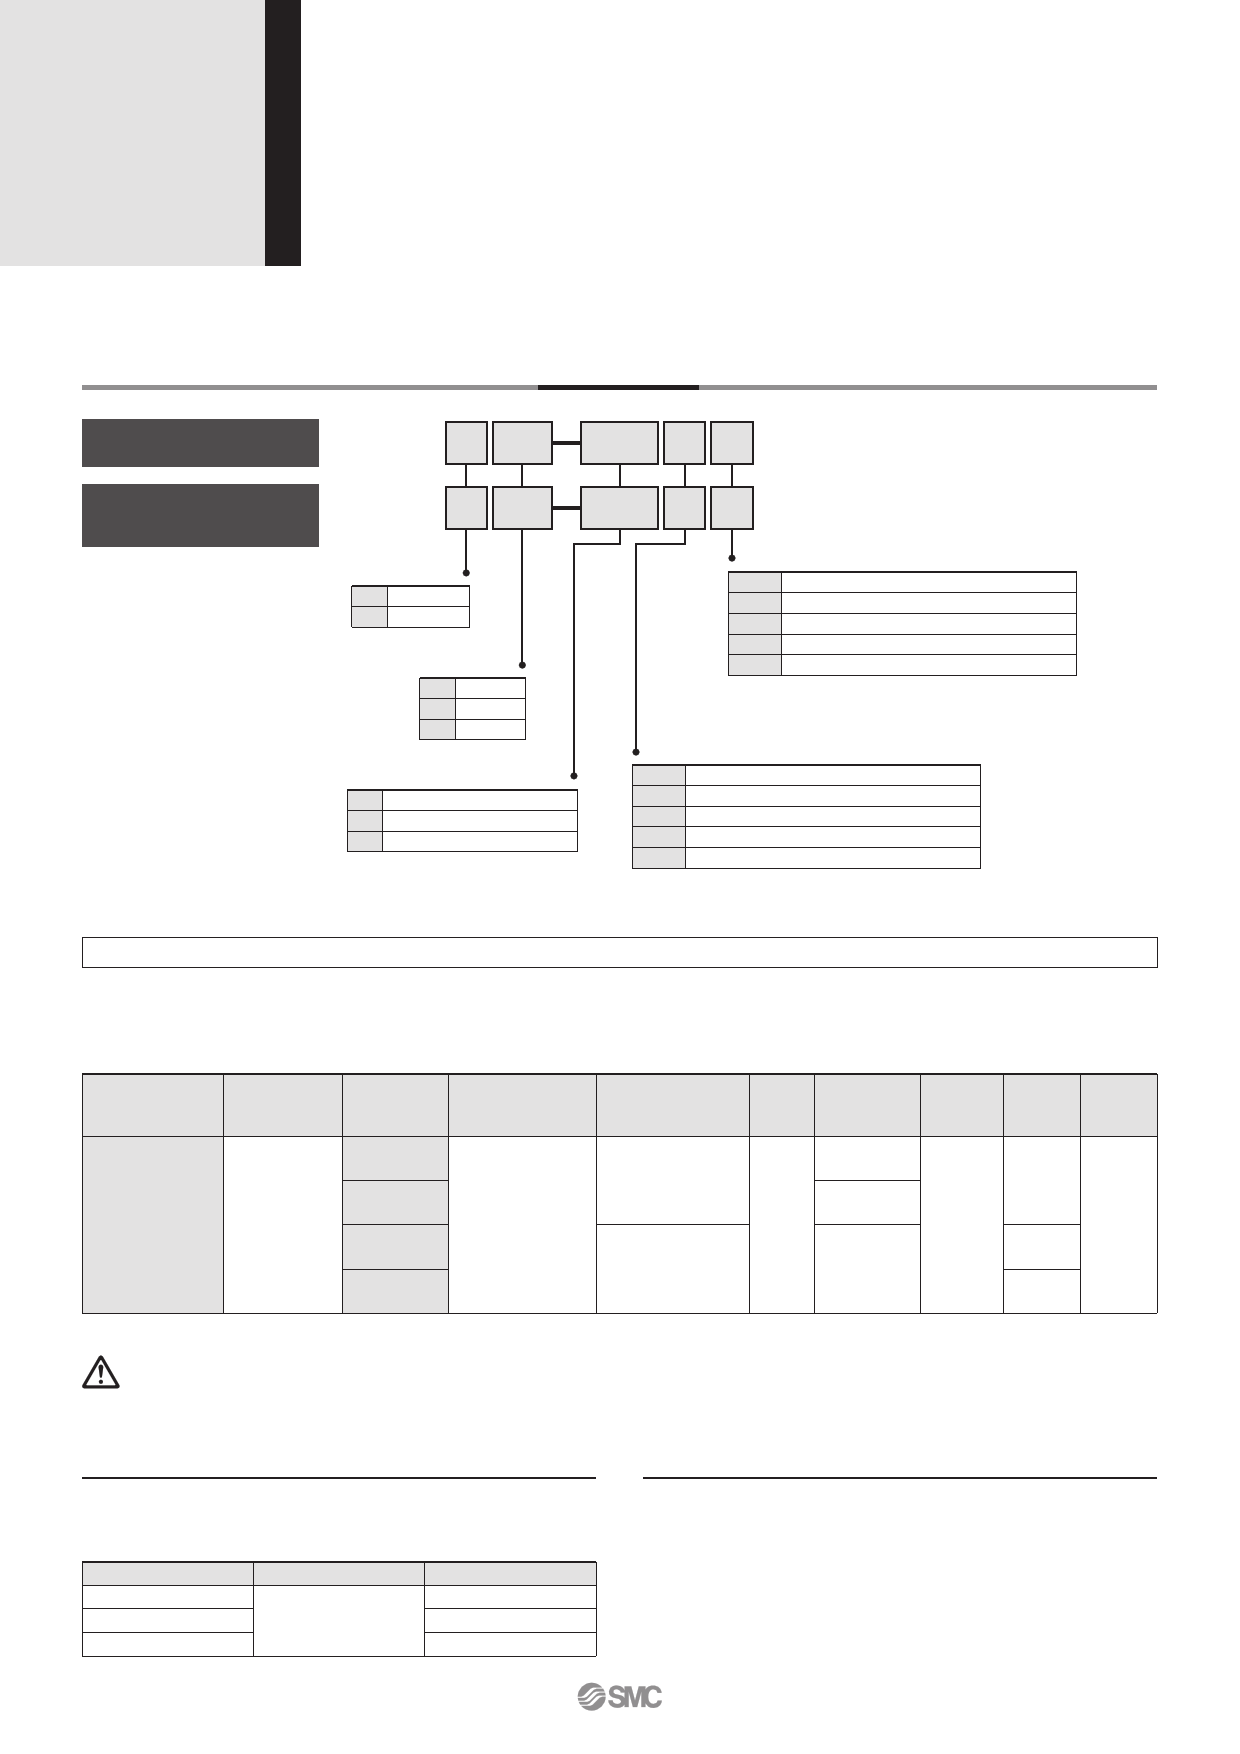 D-P4DWxx Hoja de datos, Descripción, Manual